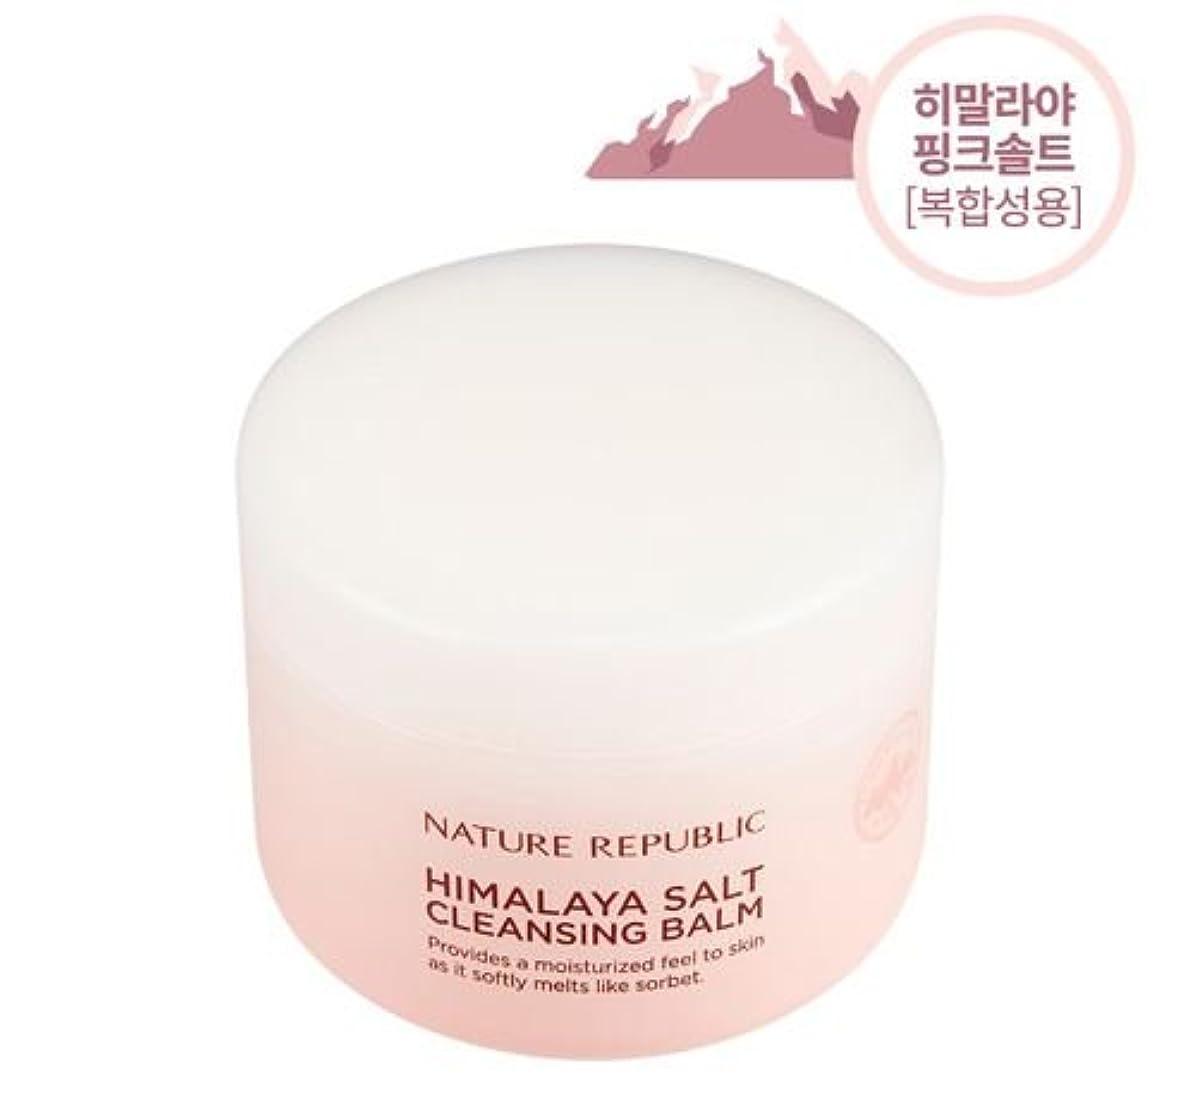 シマウマクリエイティブ遠足Himalaya salt cleansing balm (PINK SALT)ヒマラヤソルトクレンジングバーム(pink salt) [並行輸入品]